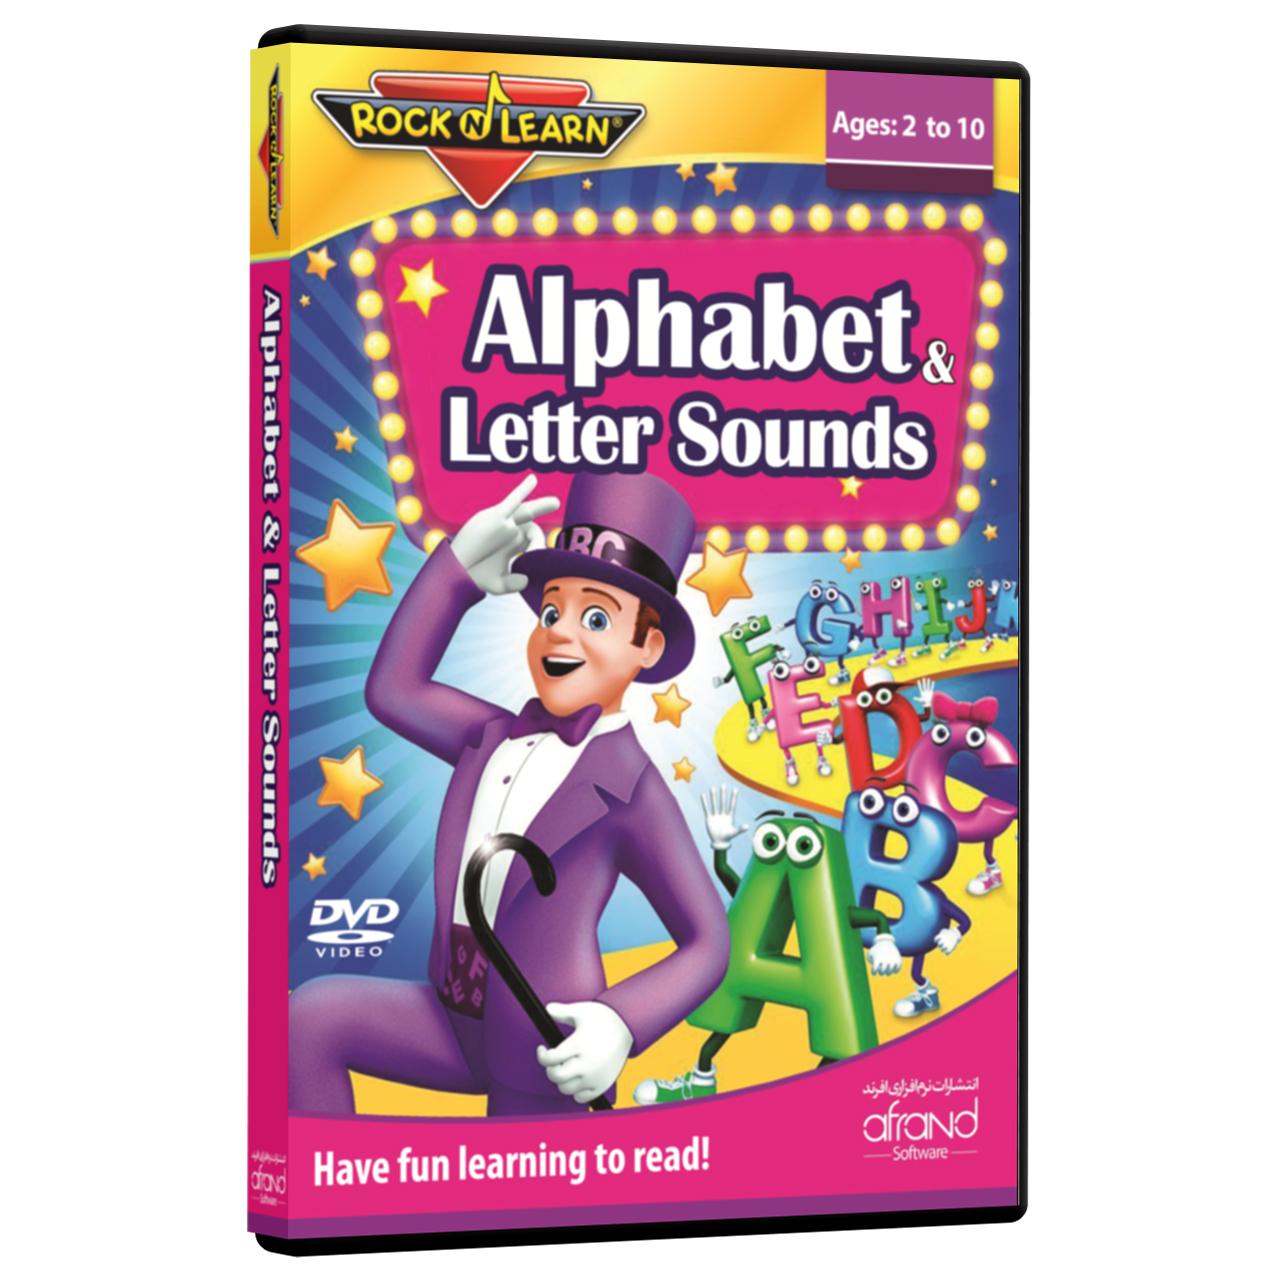 فیلم آموزش زبان انگلیسی RockNLearn Alphabet & Letter Sounds انتشارات نرم افزاری افرند